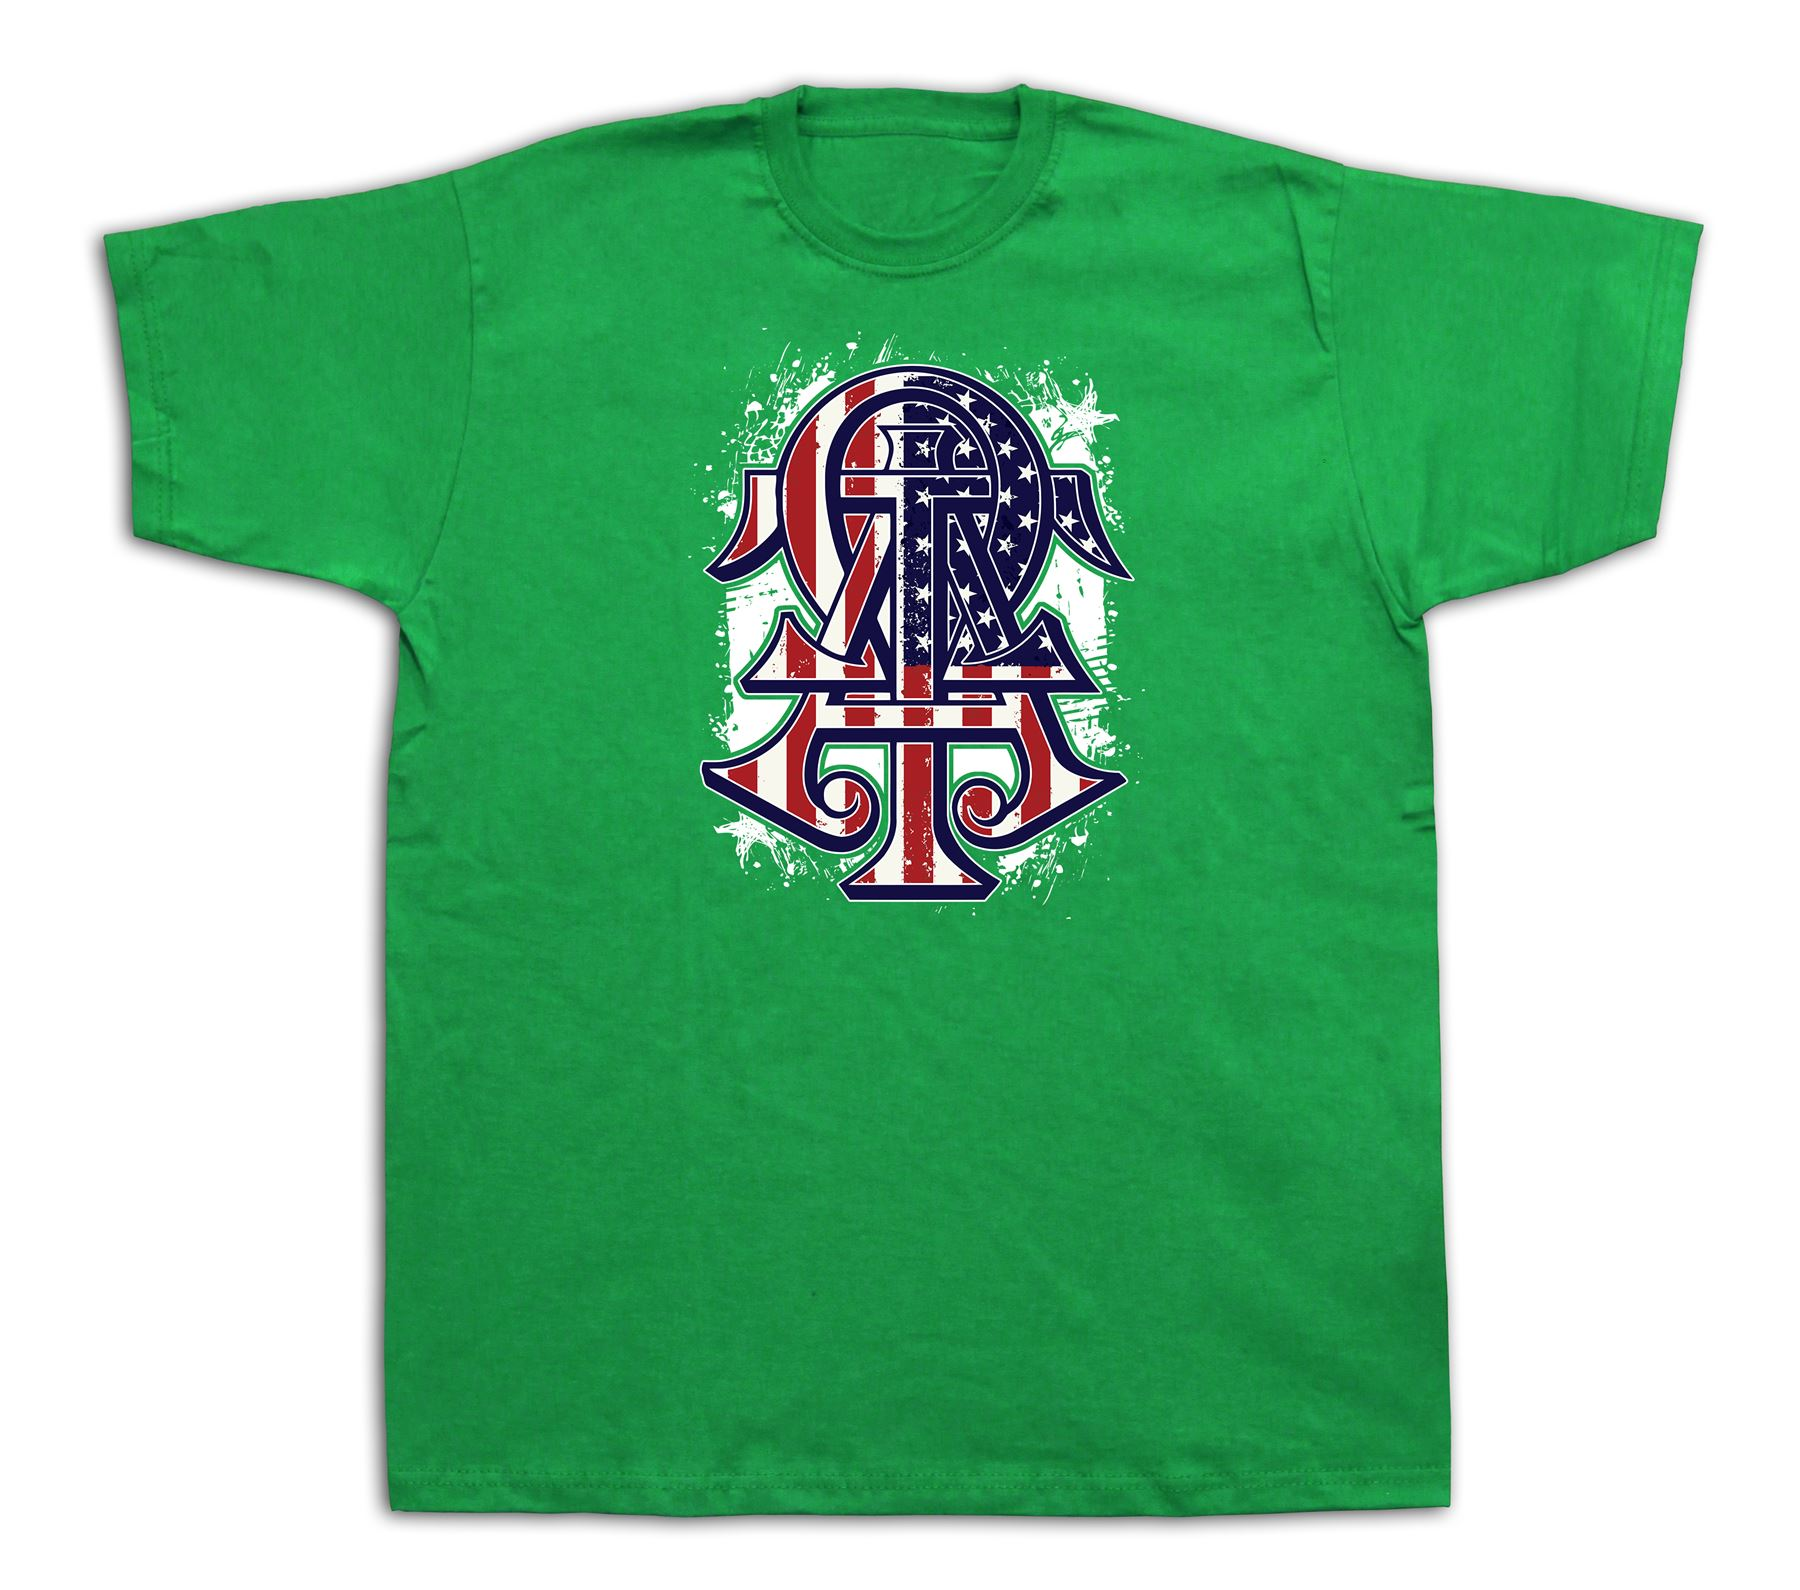 Omega usa flag t shirt master tee rare signcharm lucj tee for T shirt printing usa